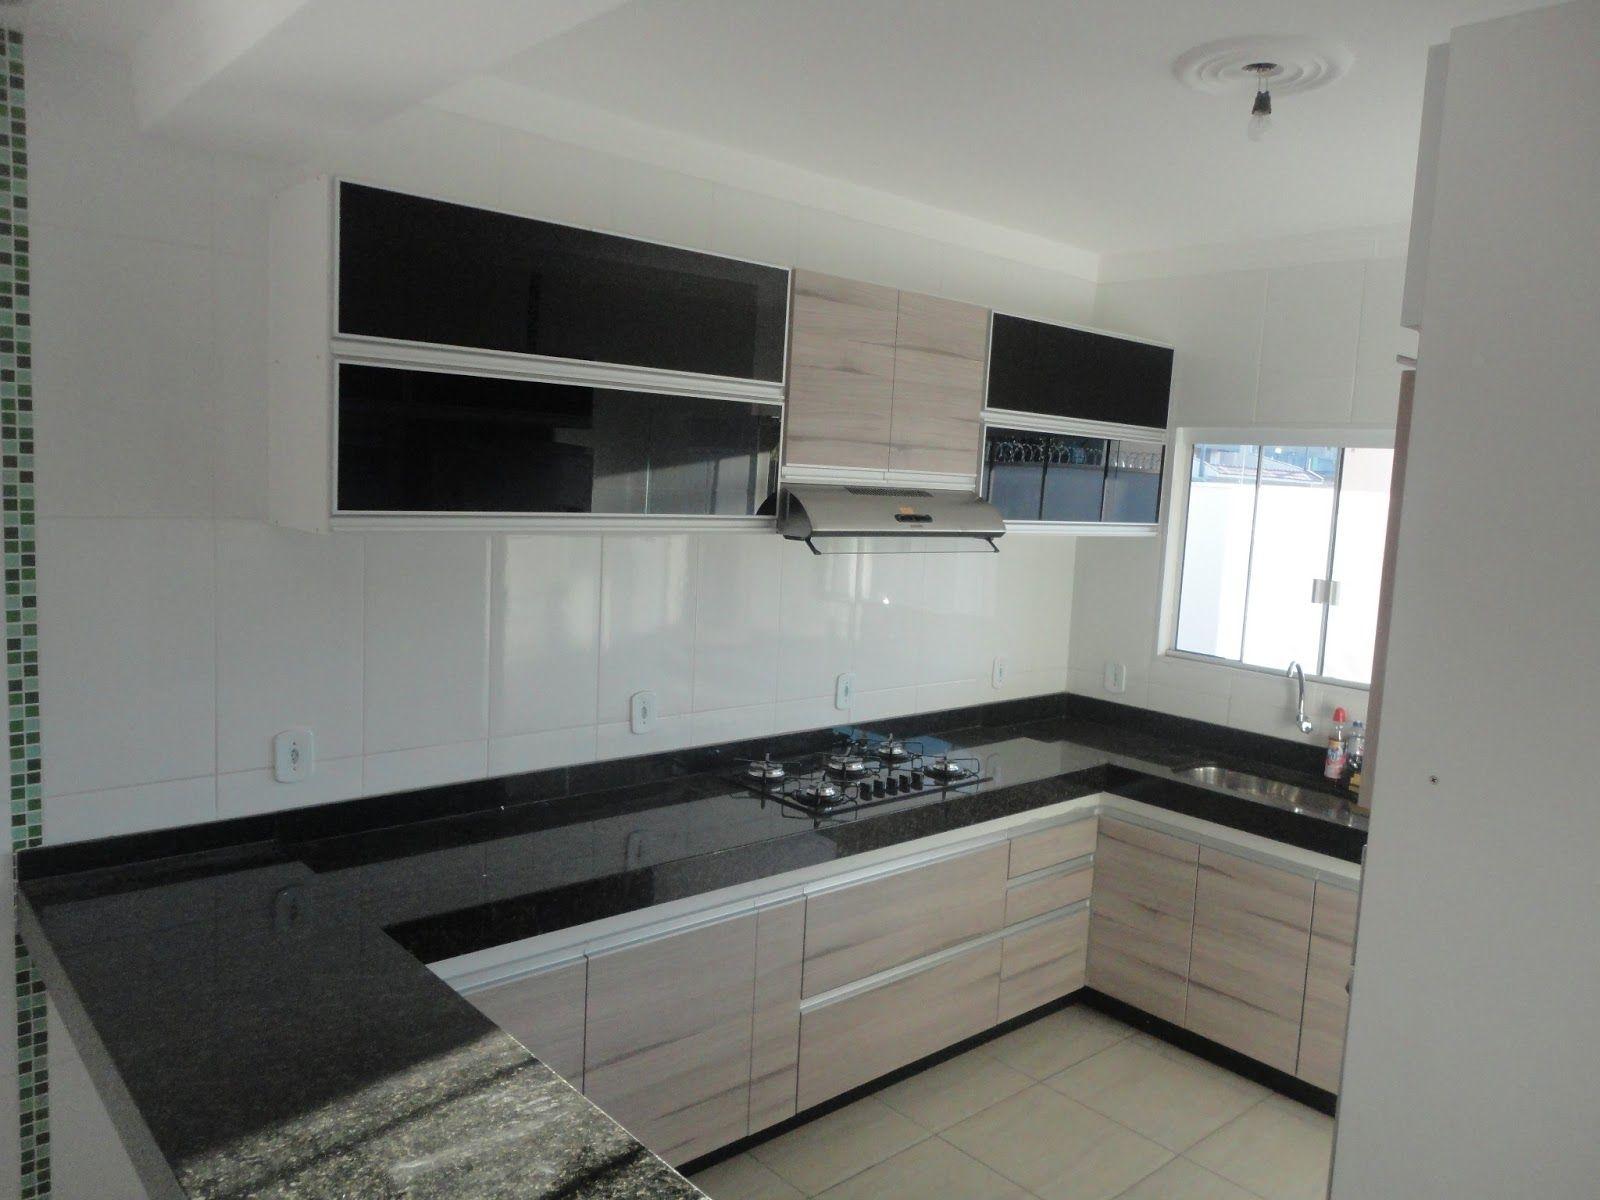 Armario Giratorio Cocina ~ Confira as mais modernas e belas cozinha planejada em MDF Cozinha planejada, Planejados e Cozinha